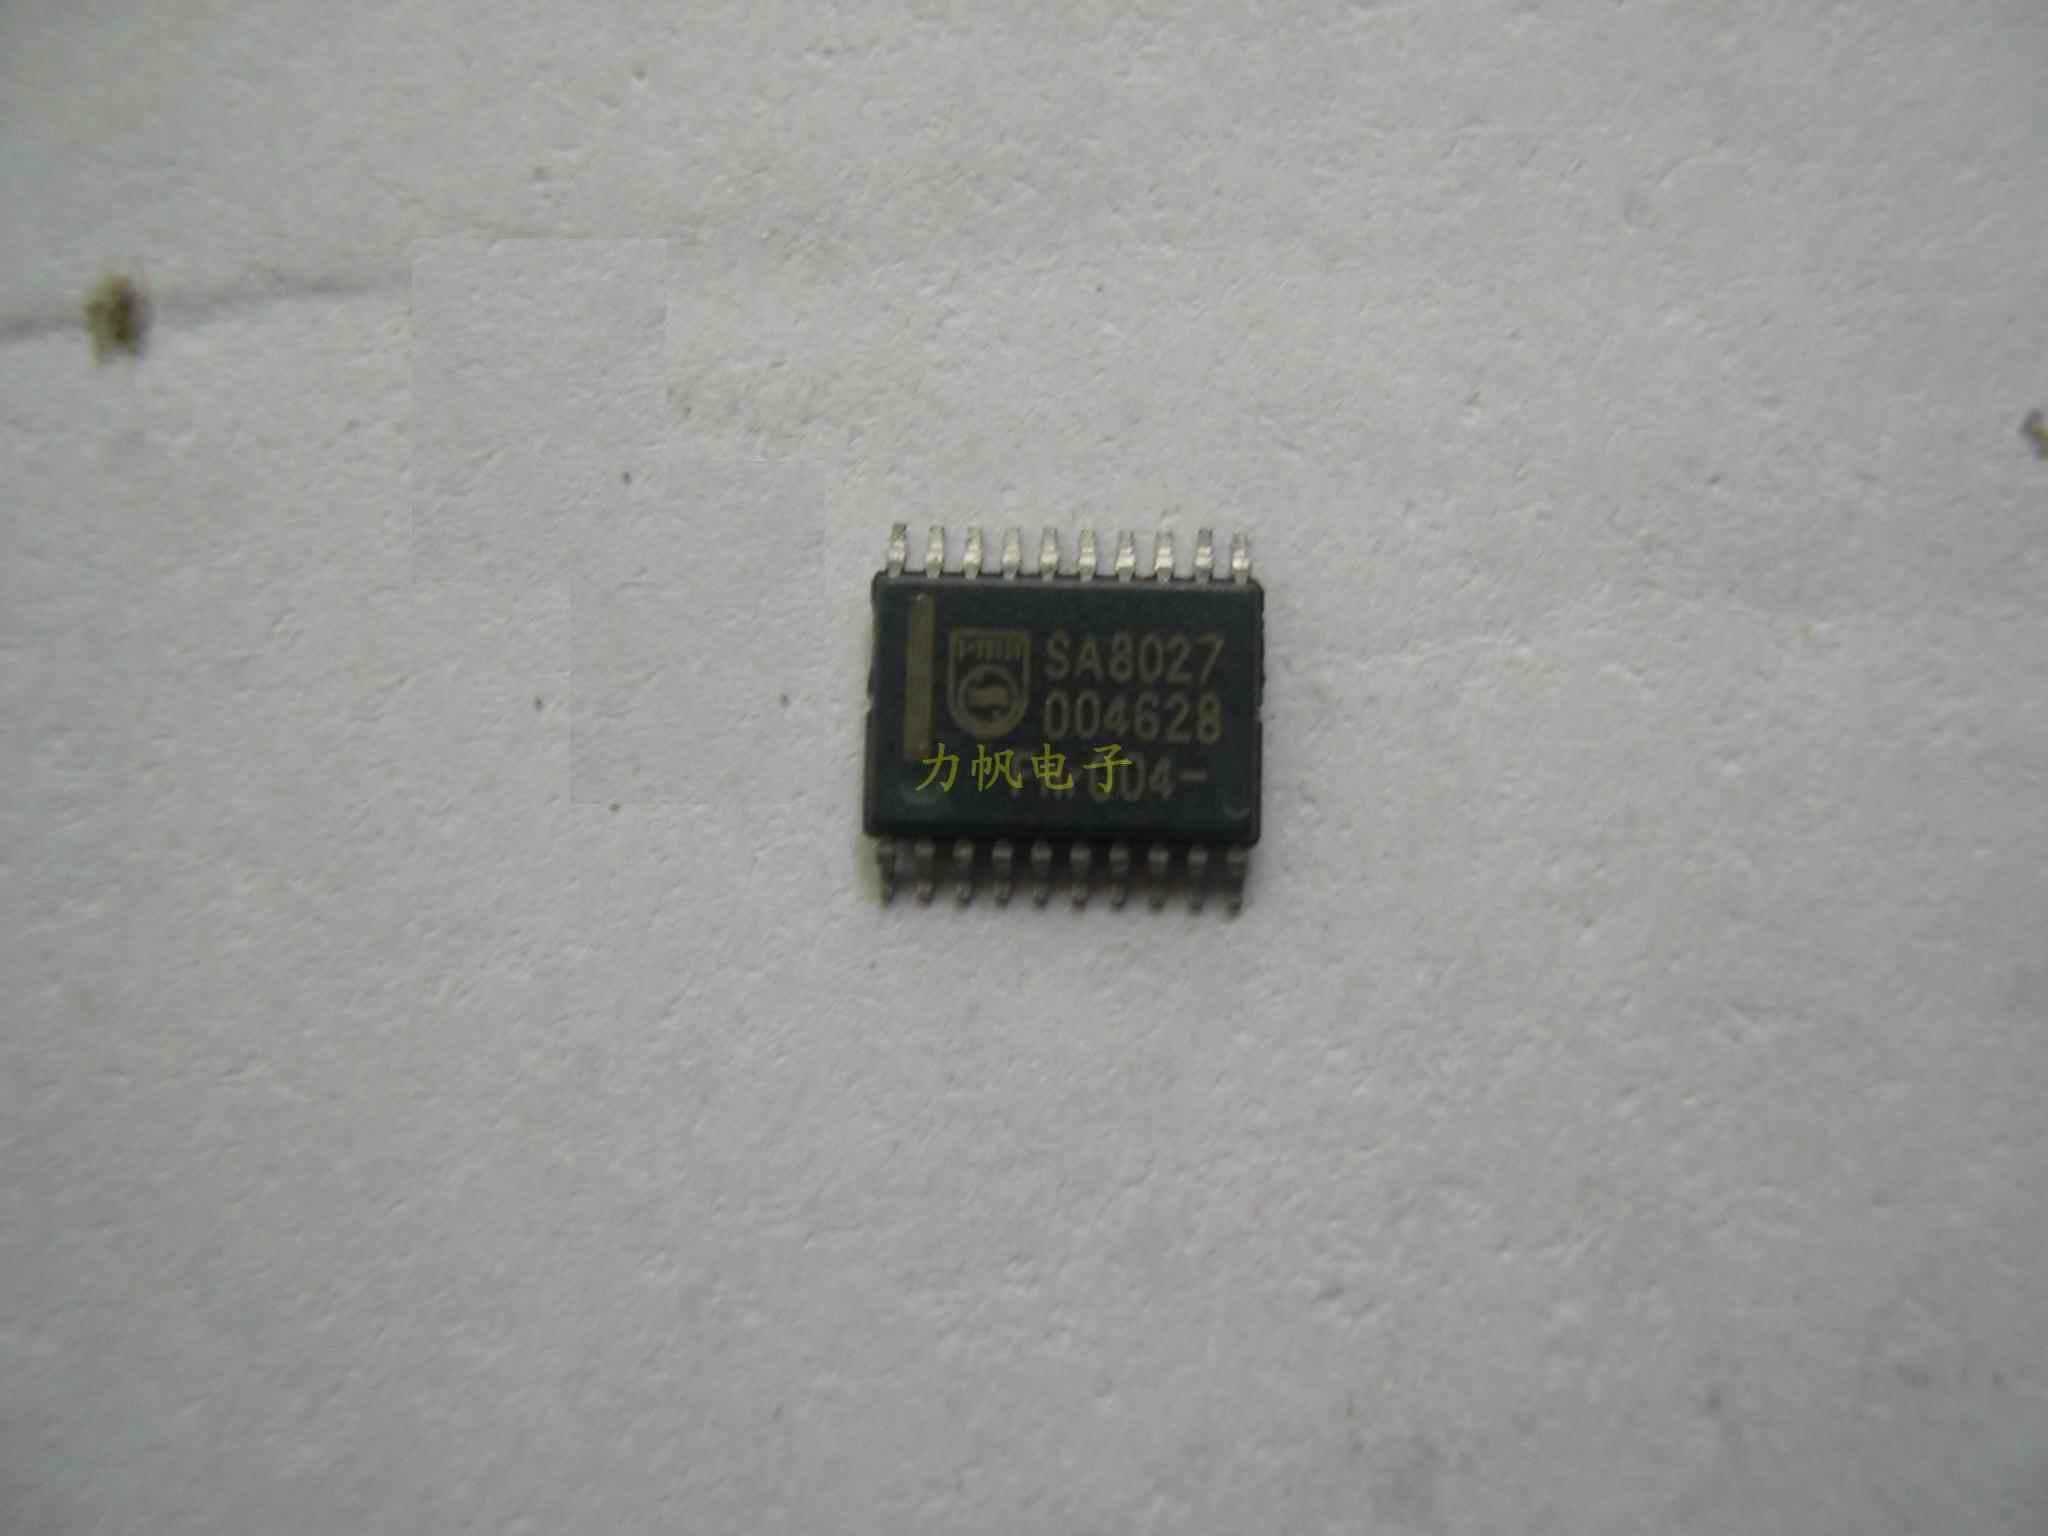 用途: 规格:0 市场价格: 生产厂家: sa8027描述 ilx135ksonycdip ilx